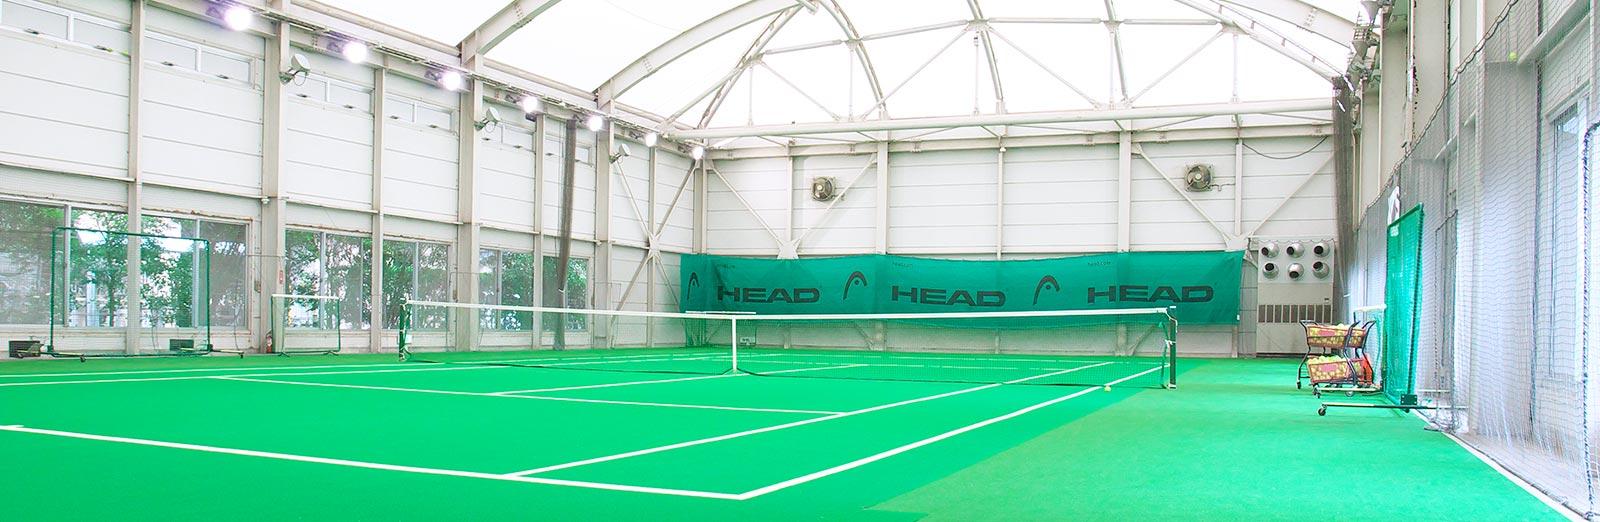 Ken'sインドアテニススクール千葉